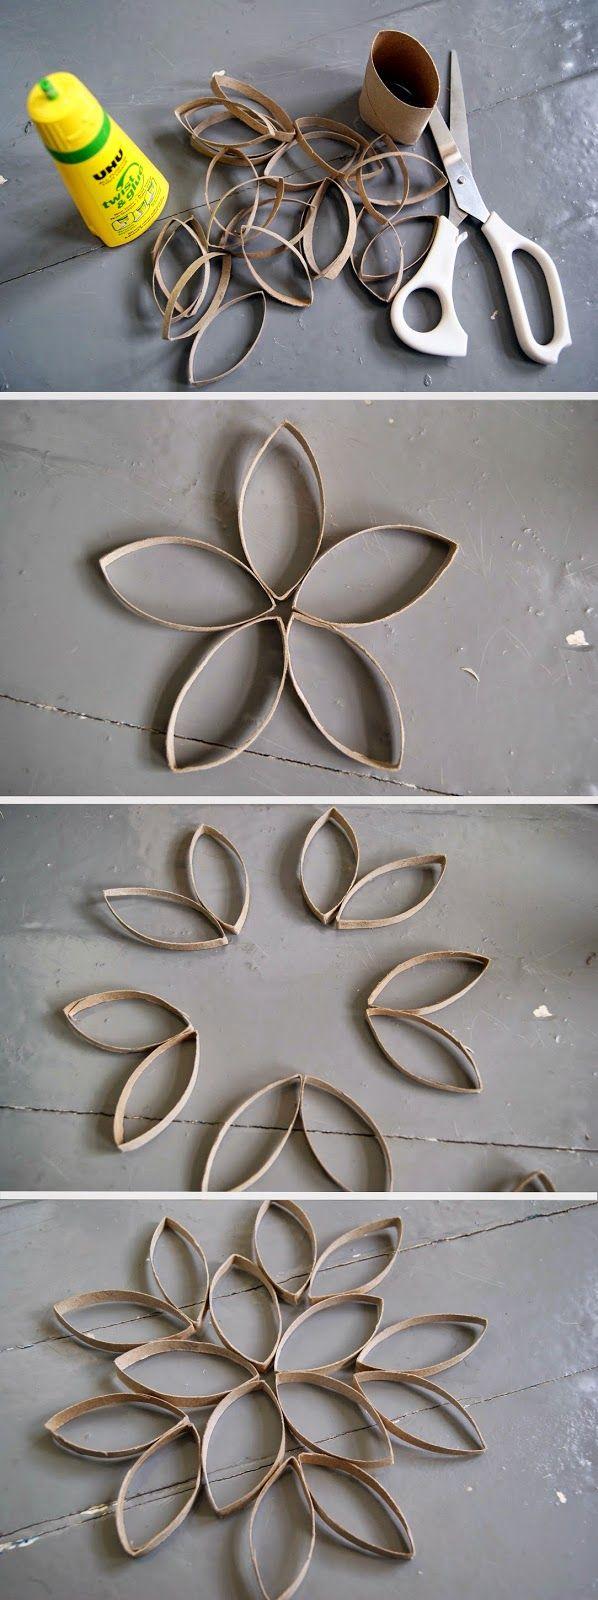 Un bricolage facile et rapide avec des rouleaux de papier de toilette. C'est parfait pour décorer un appartement!